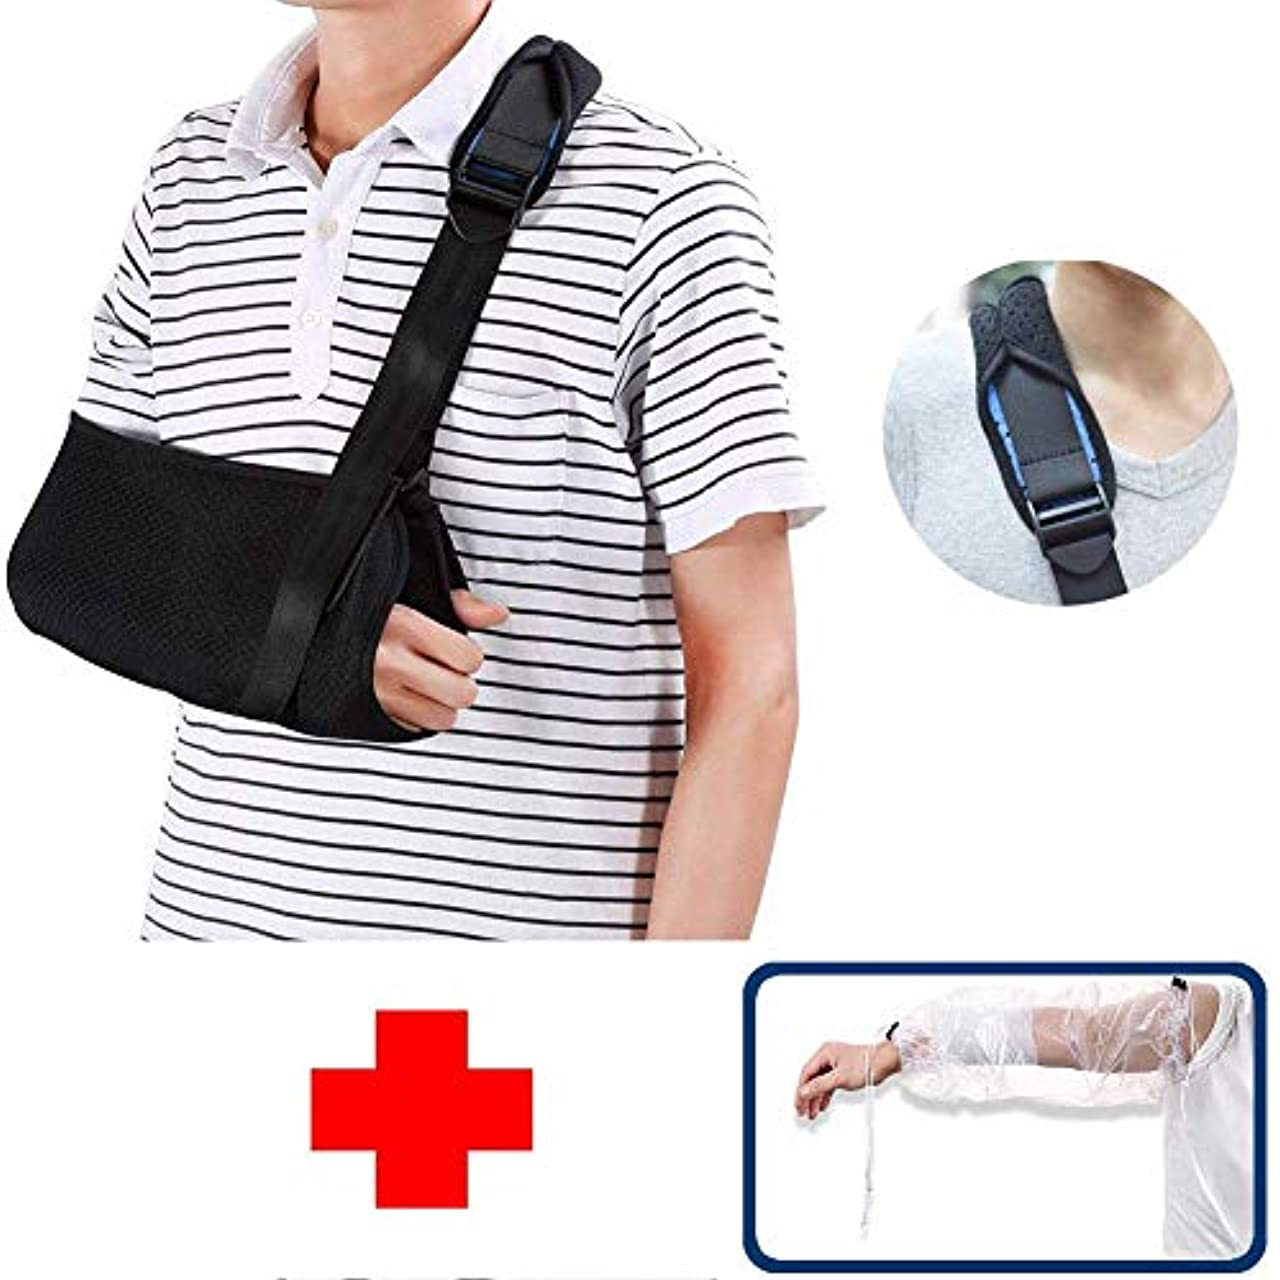 生き物逸話感度アームスリング、左右アーム肘サポート用防水アームキャストカバー付き調節可能な壊れたアームイモビライザー、S